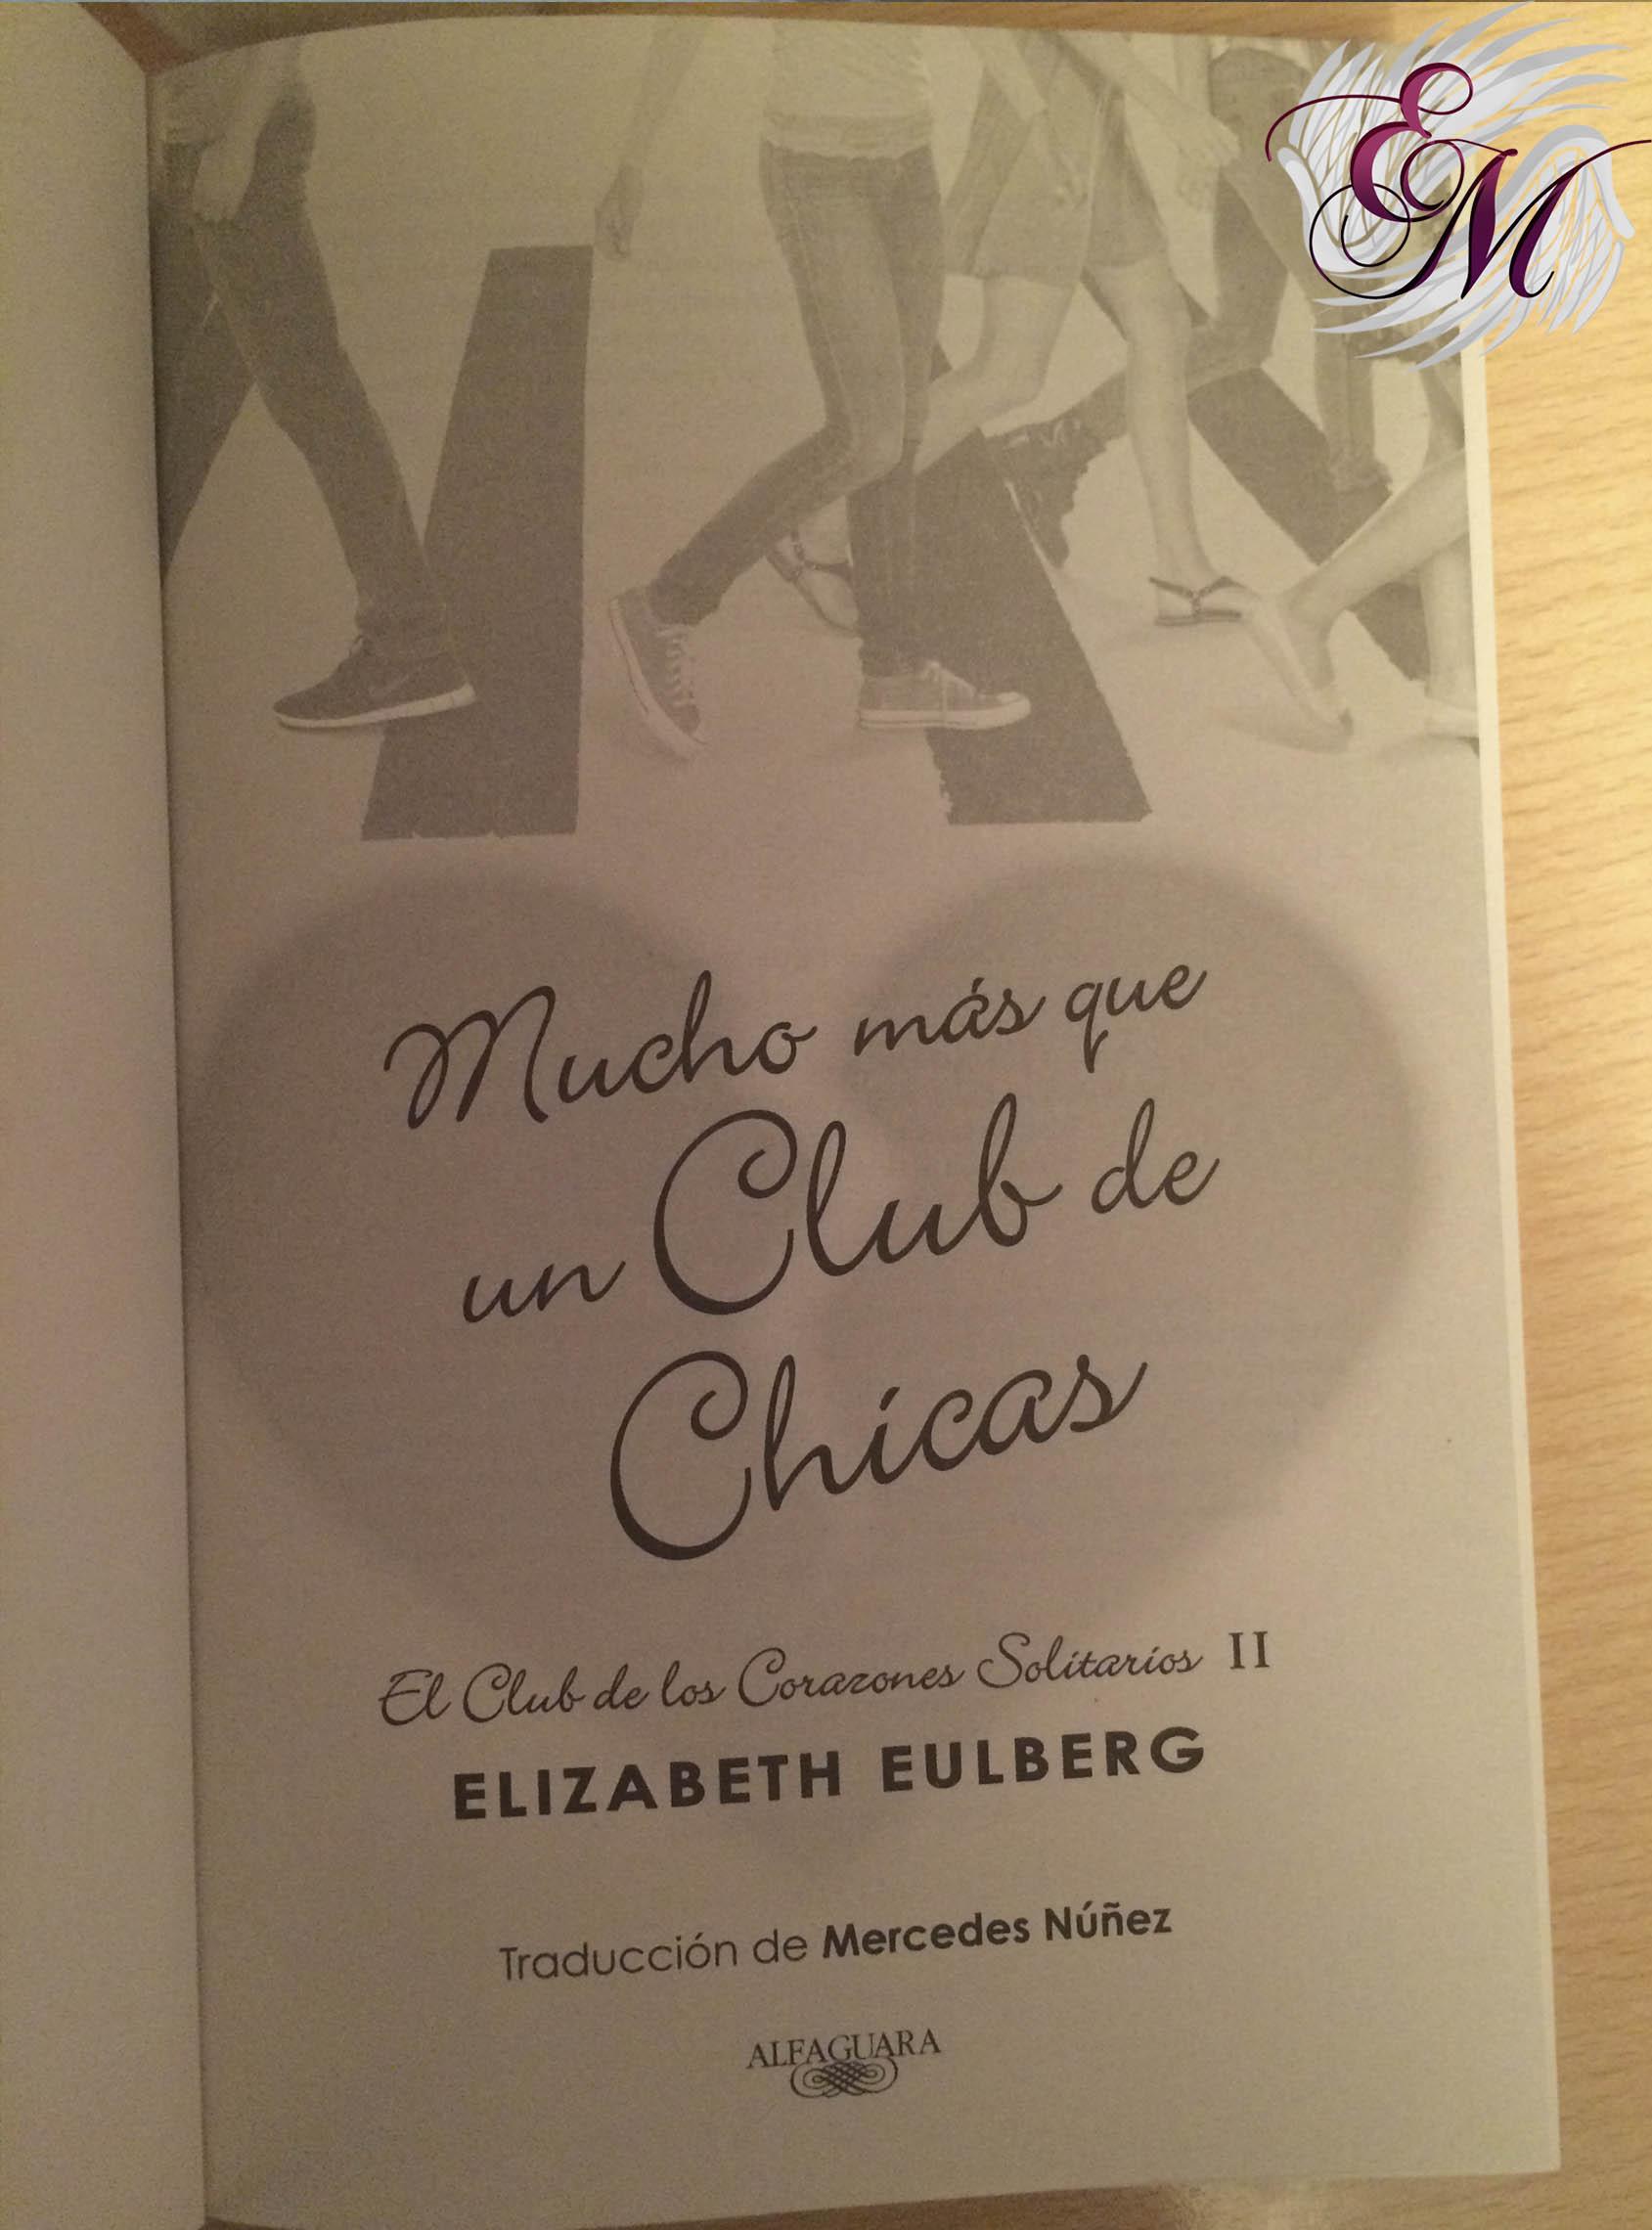 Mucho más que un club de chicas, de Elizabeth Eulberg - Reseña